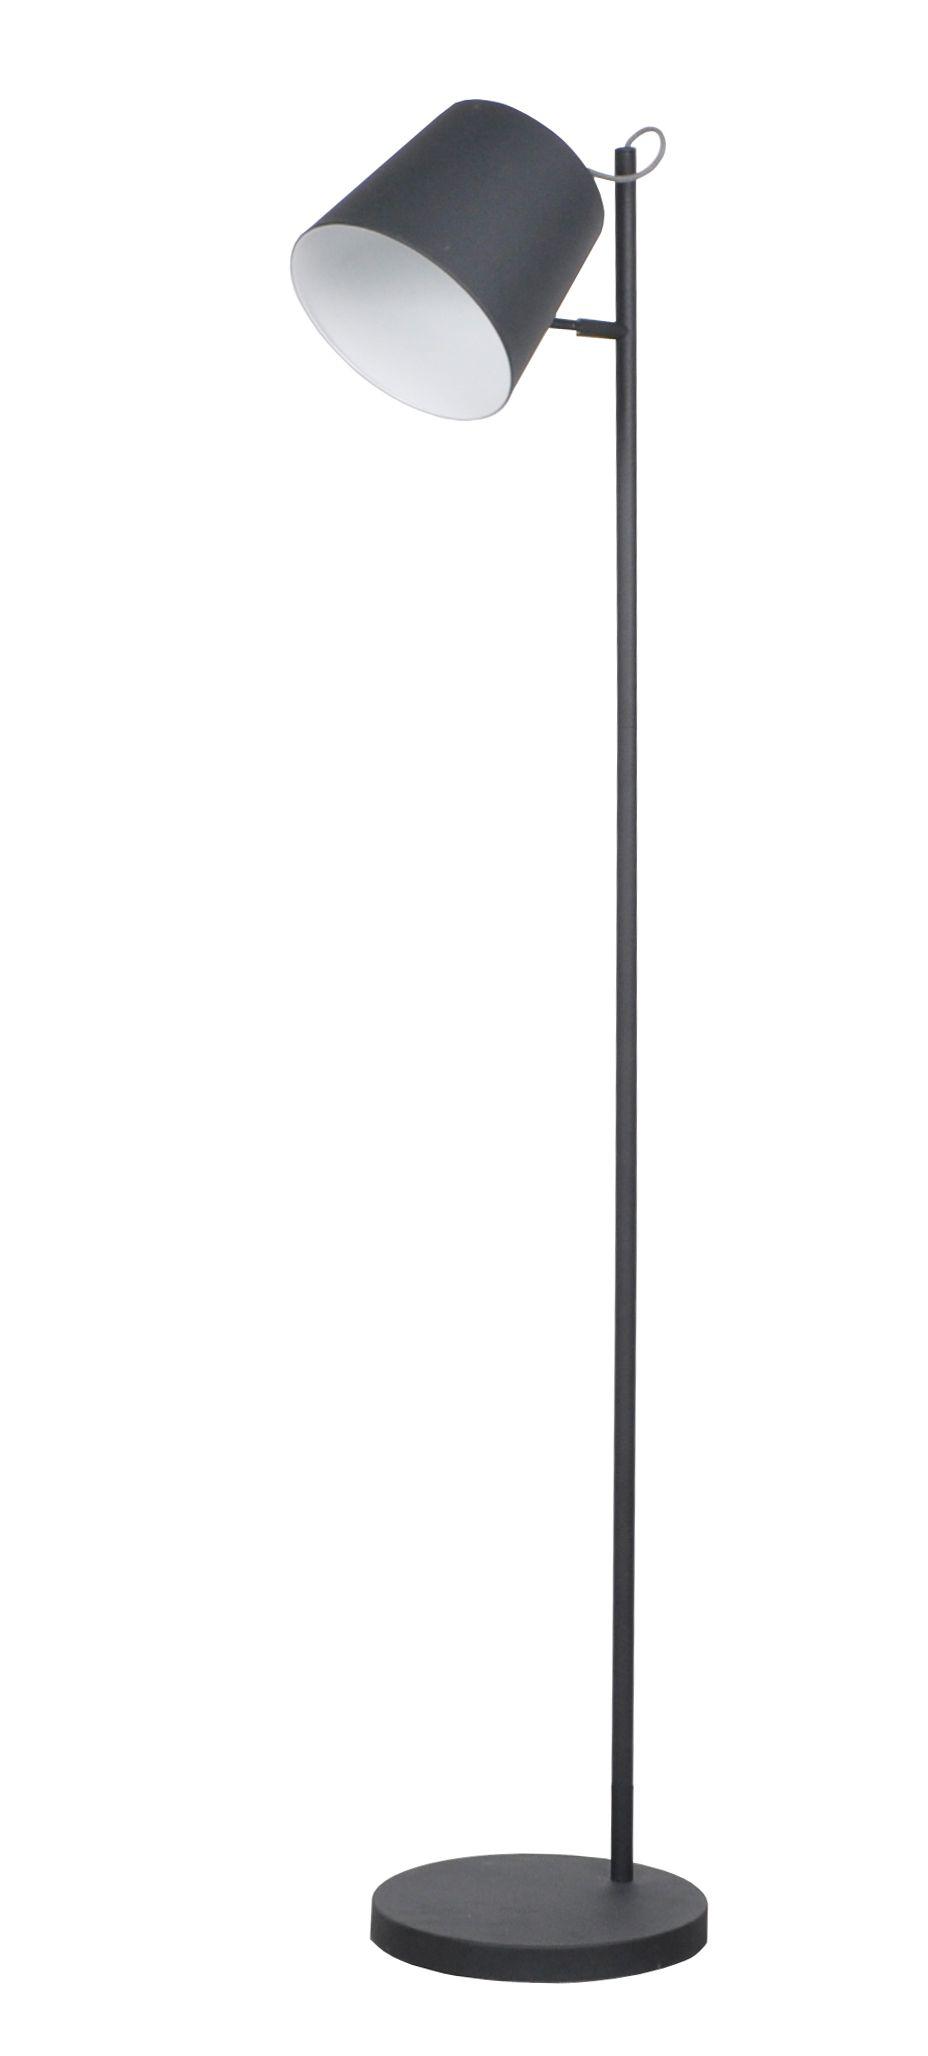 Buckle head floor lamp Black   Black floor lamp, Lamp